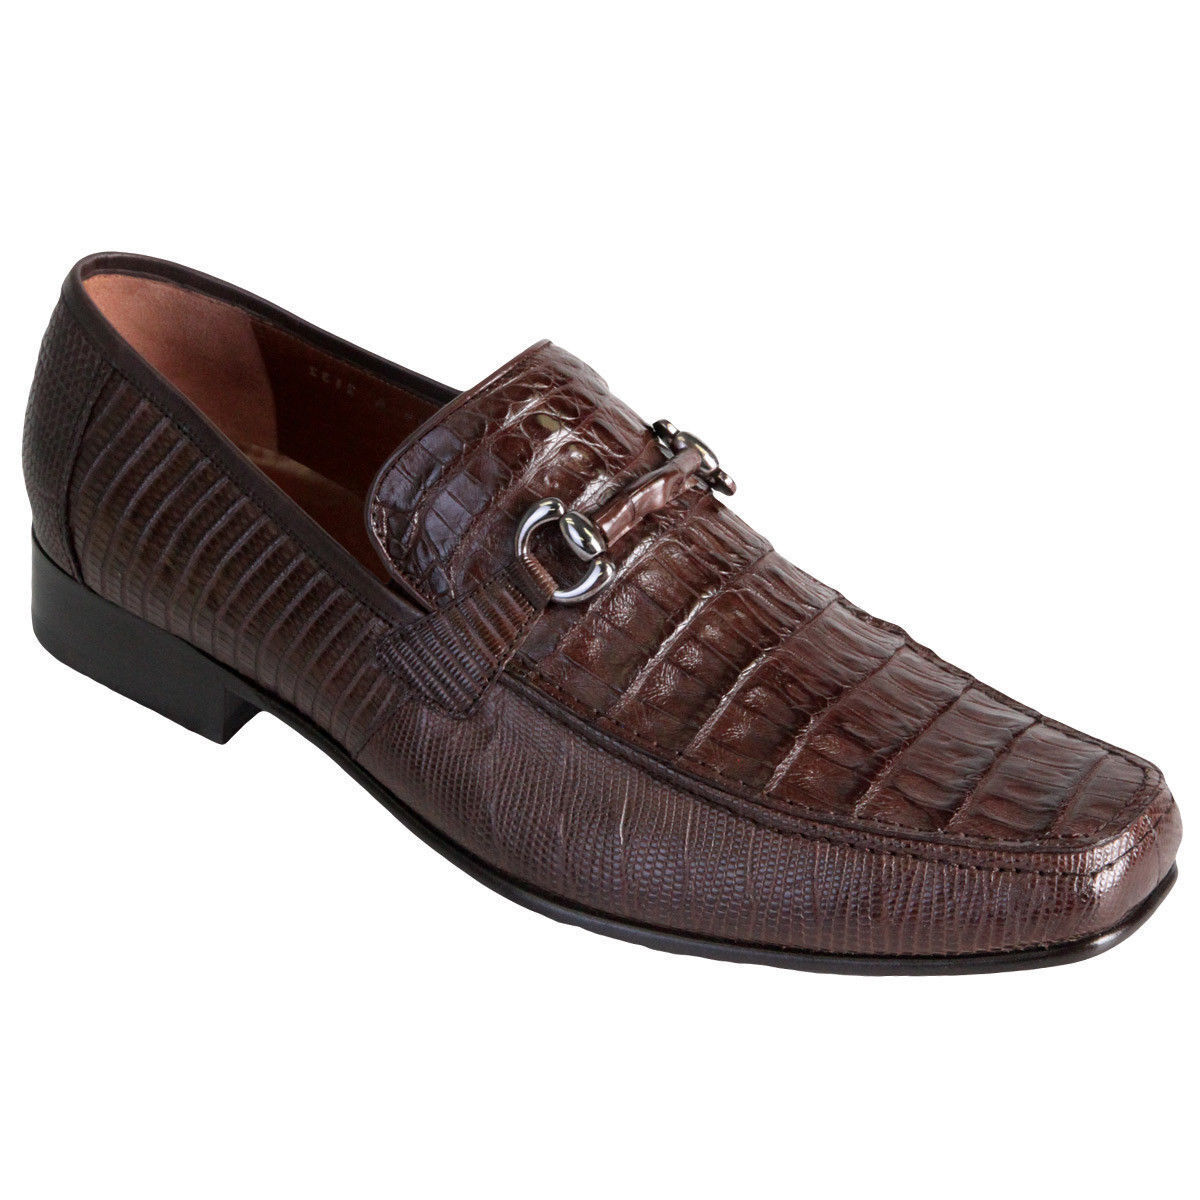 prendi l'ultimo LOS ALTOS GENUINE Marrone Marrone Marrone CROCODILE LIZARD LOAFER DRESS scarpe (D) WIDTH  garanzia di qualità